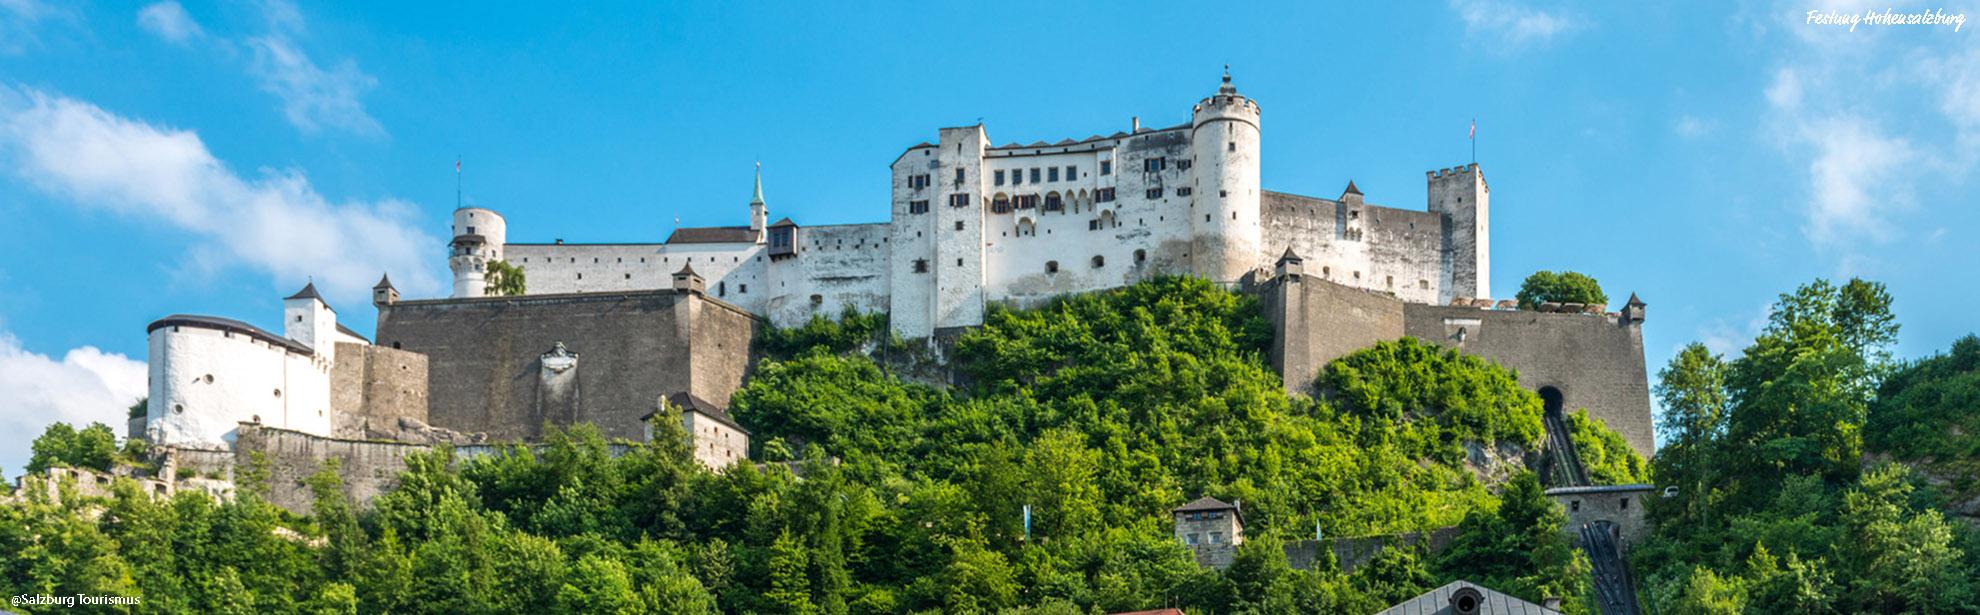 OSalzburg-Tourismus_Kapitelplatz